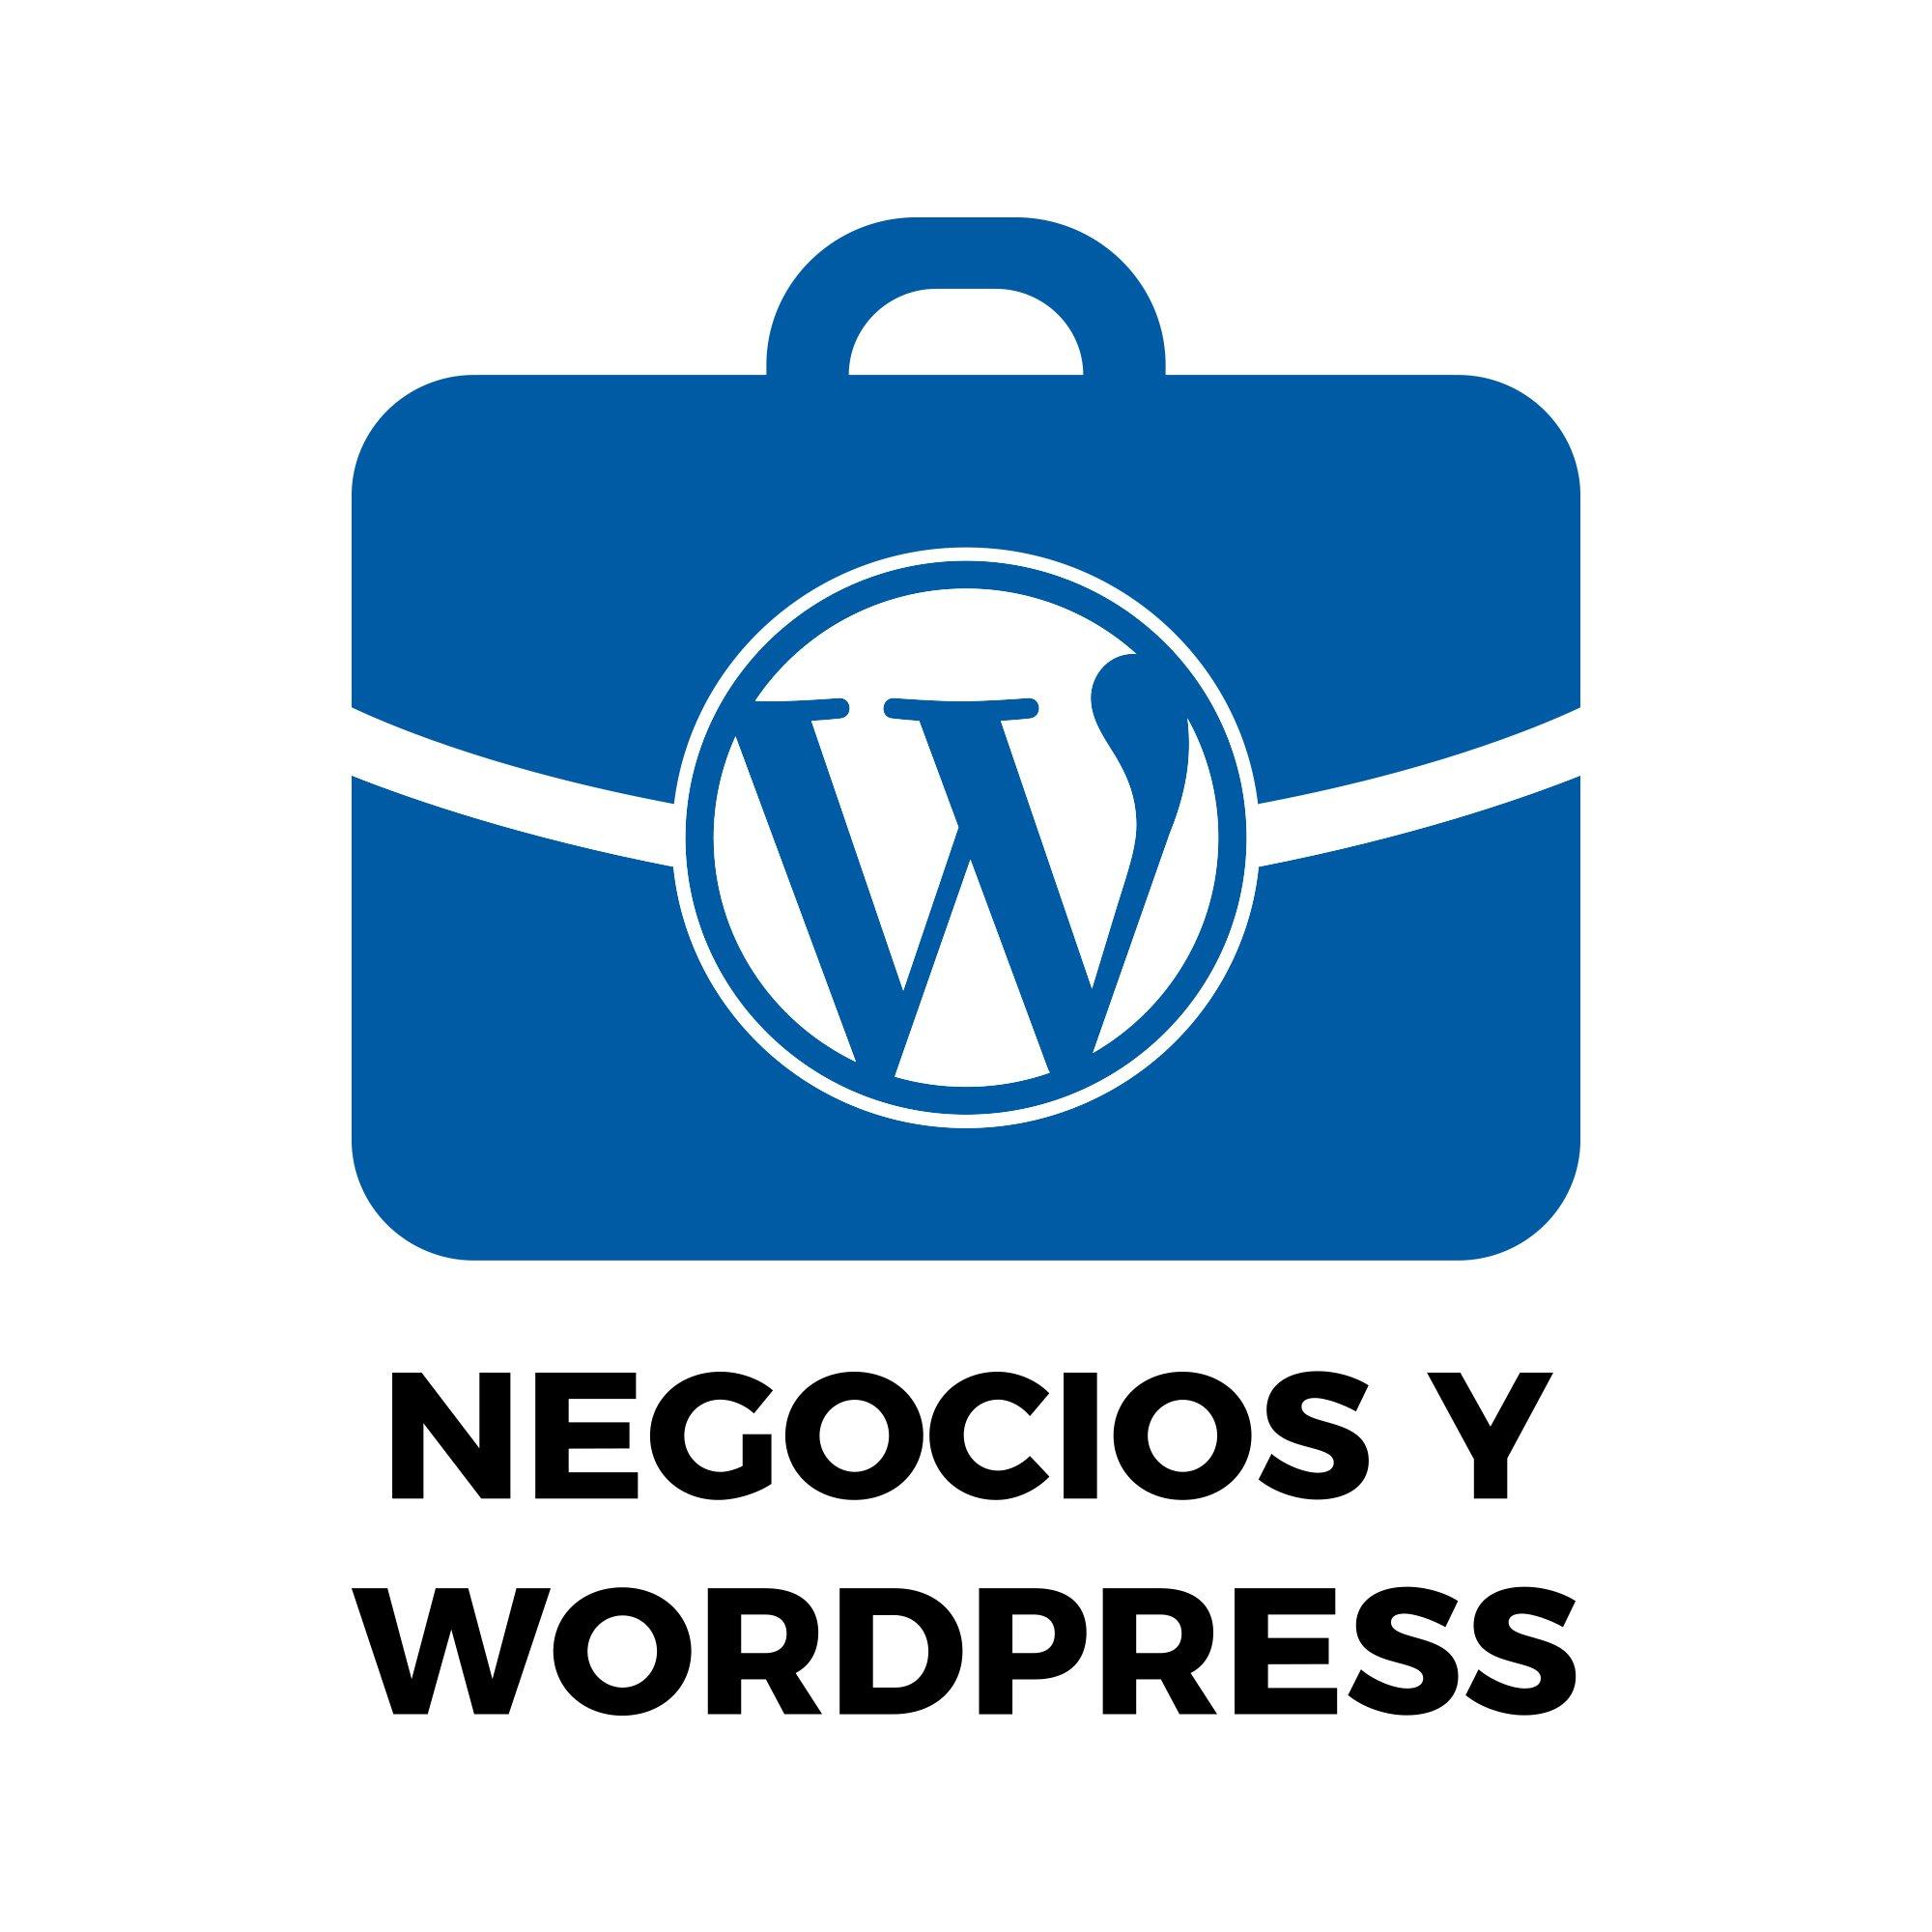 Imagen representativa de Negocios y WordPress